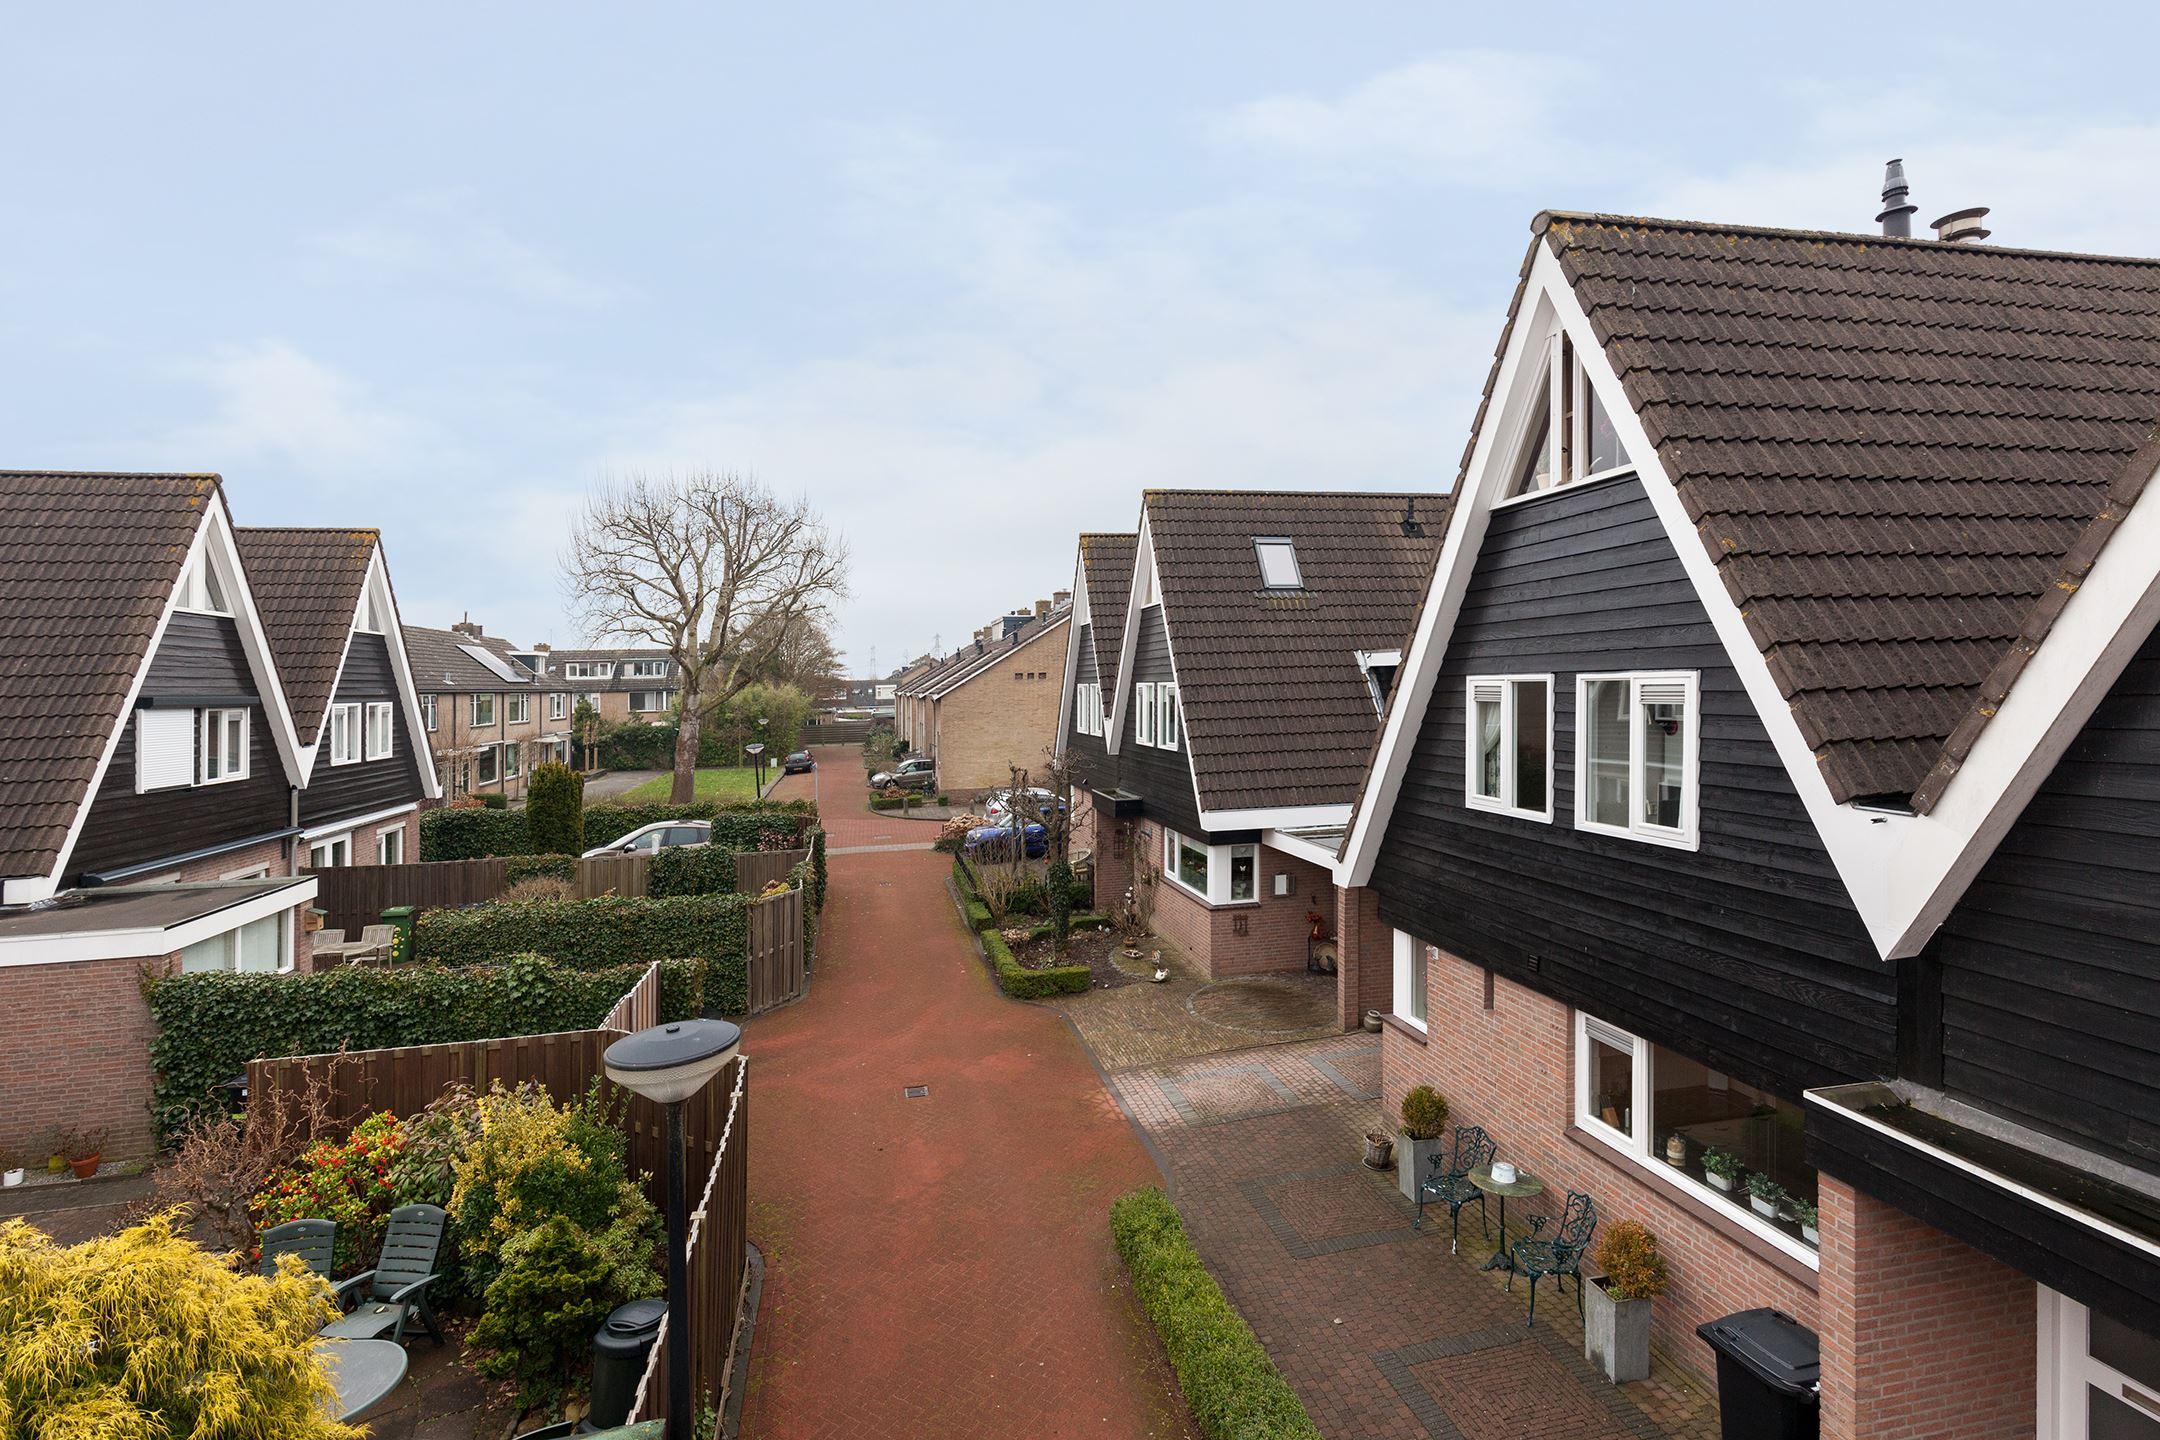 Huis te koop leeuwerikhof 3 2935 vv ouderkerk aan den ijssel funda - Huis vv ...